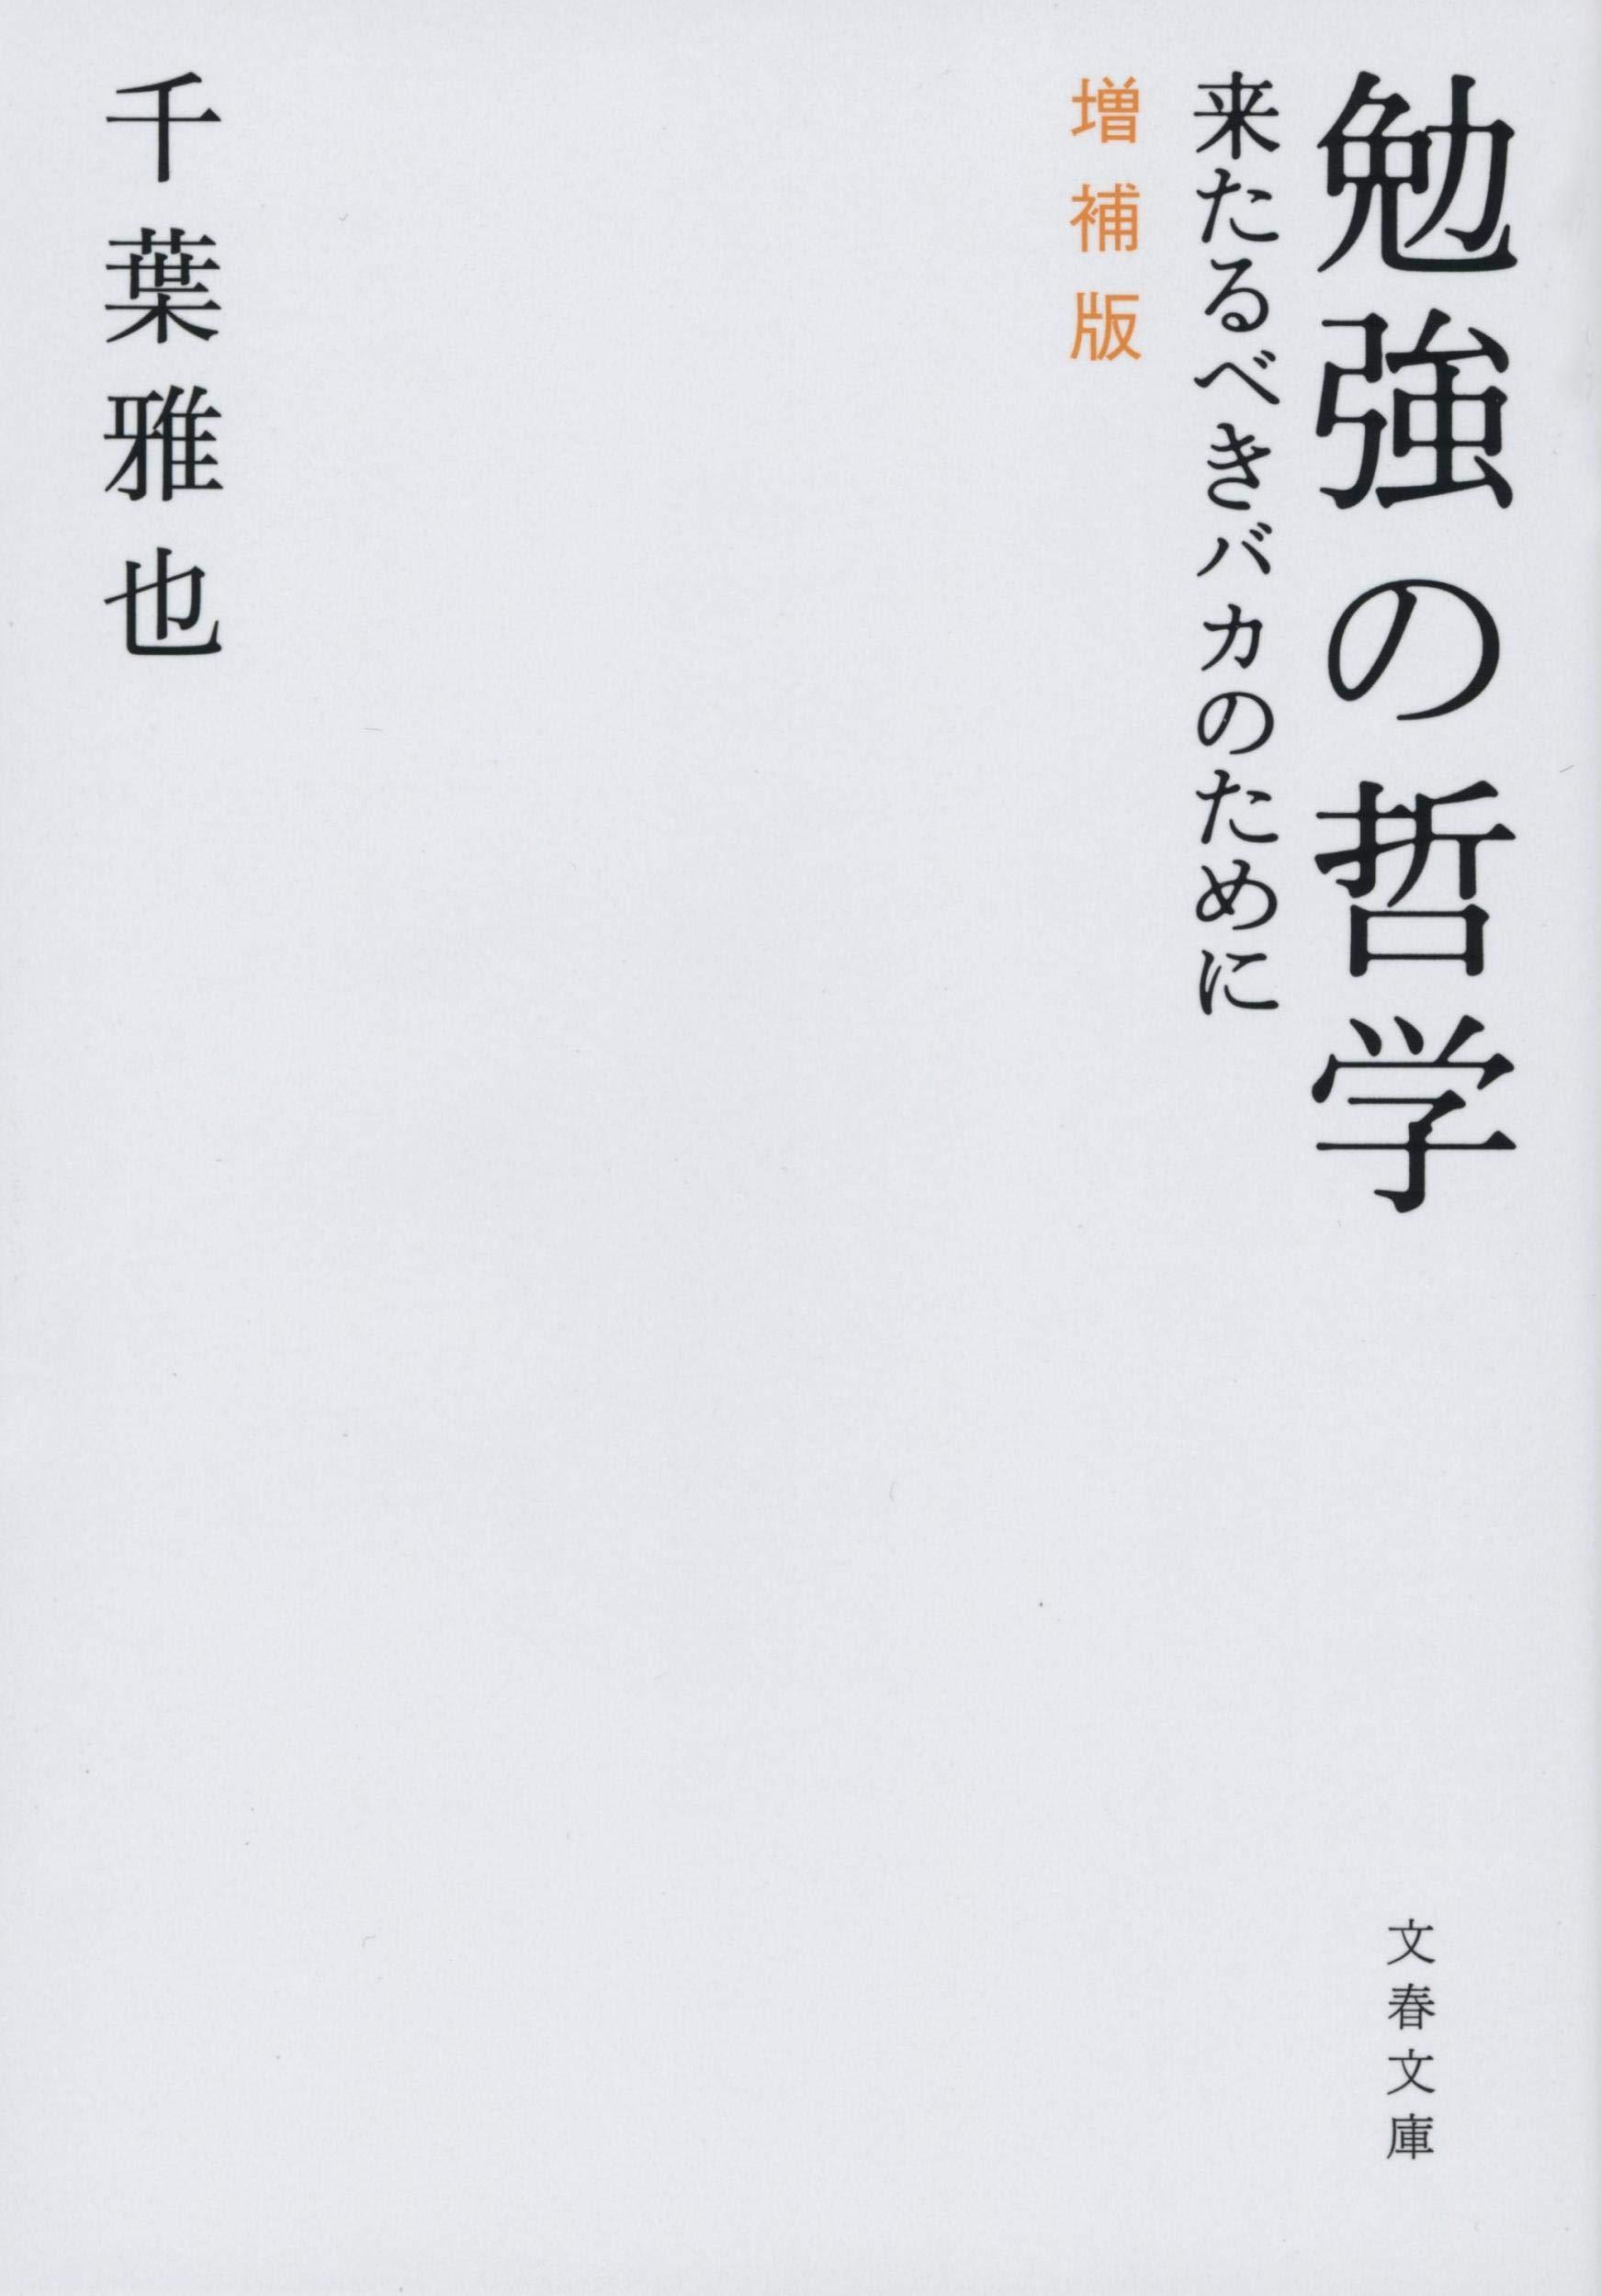 千葉雅也 『勉強の哲学:増補版』書影